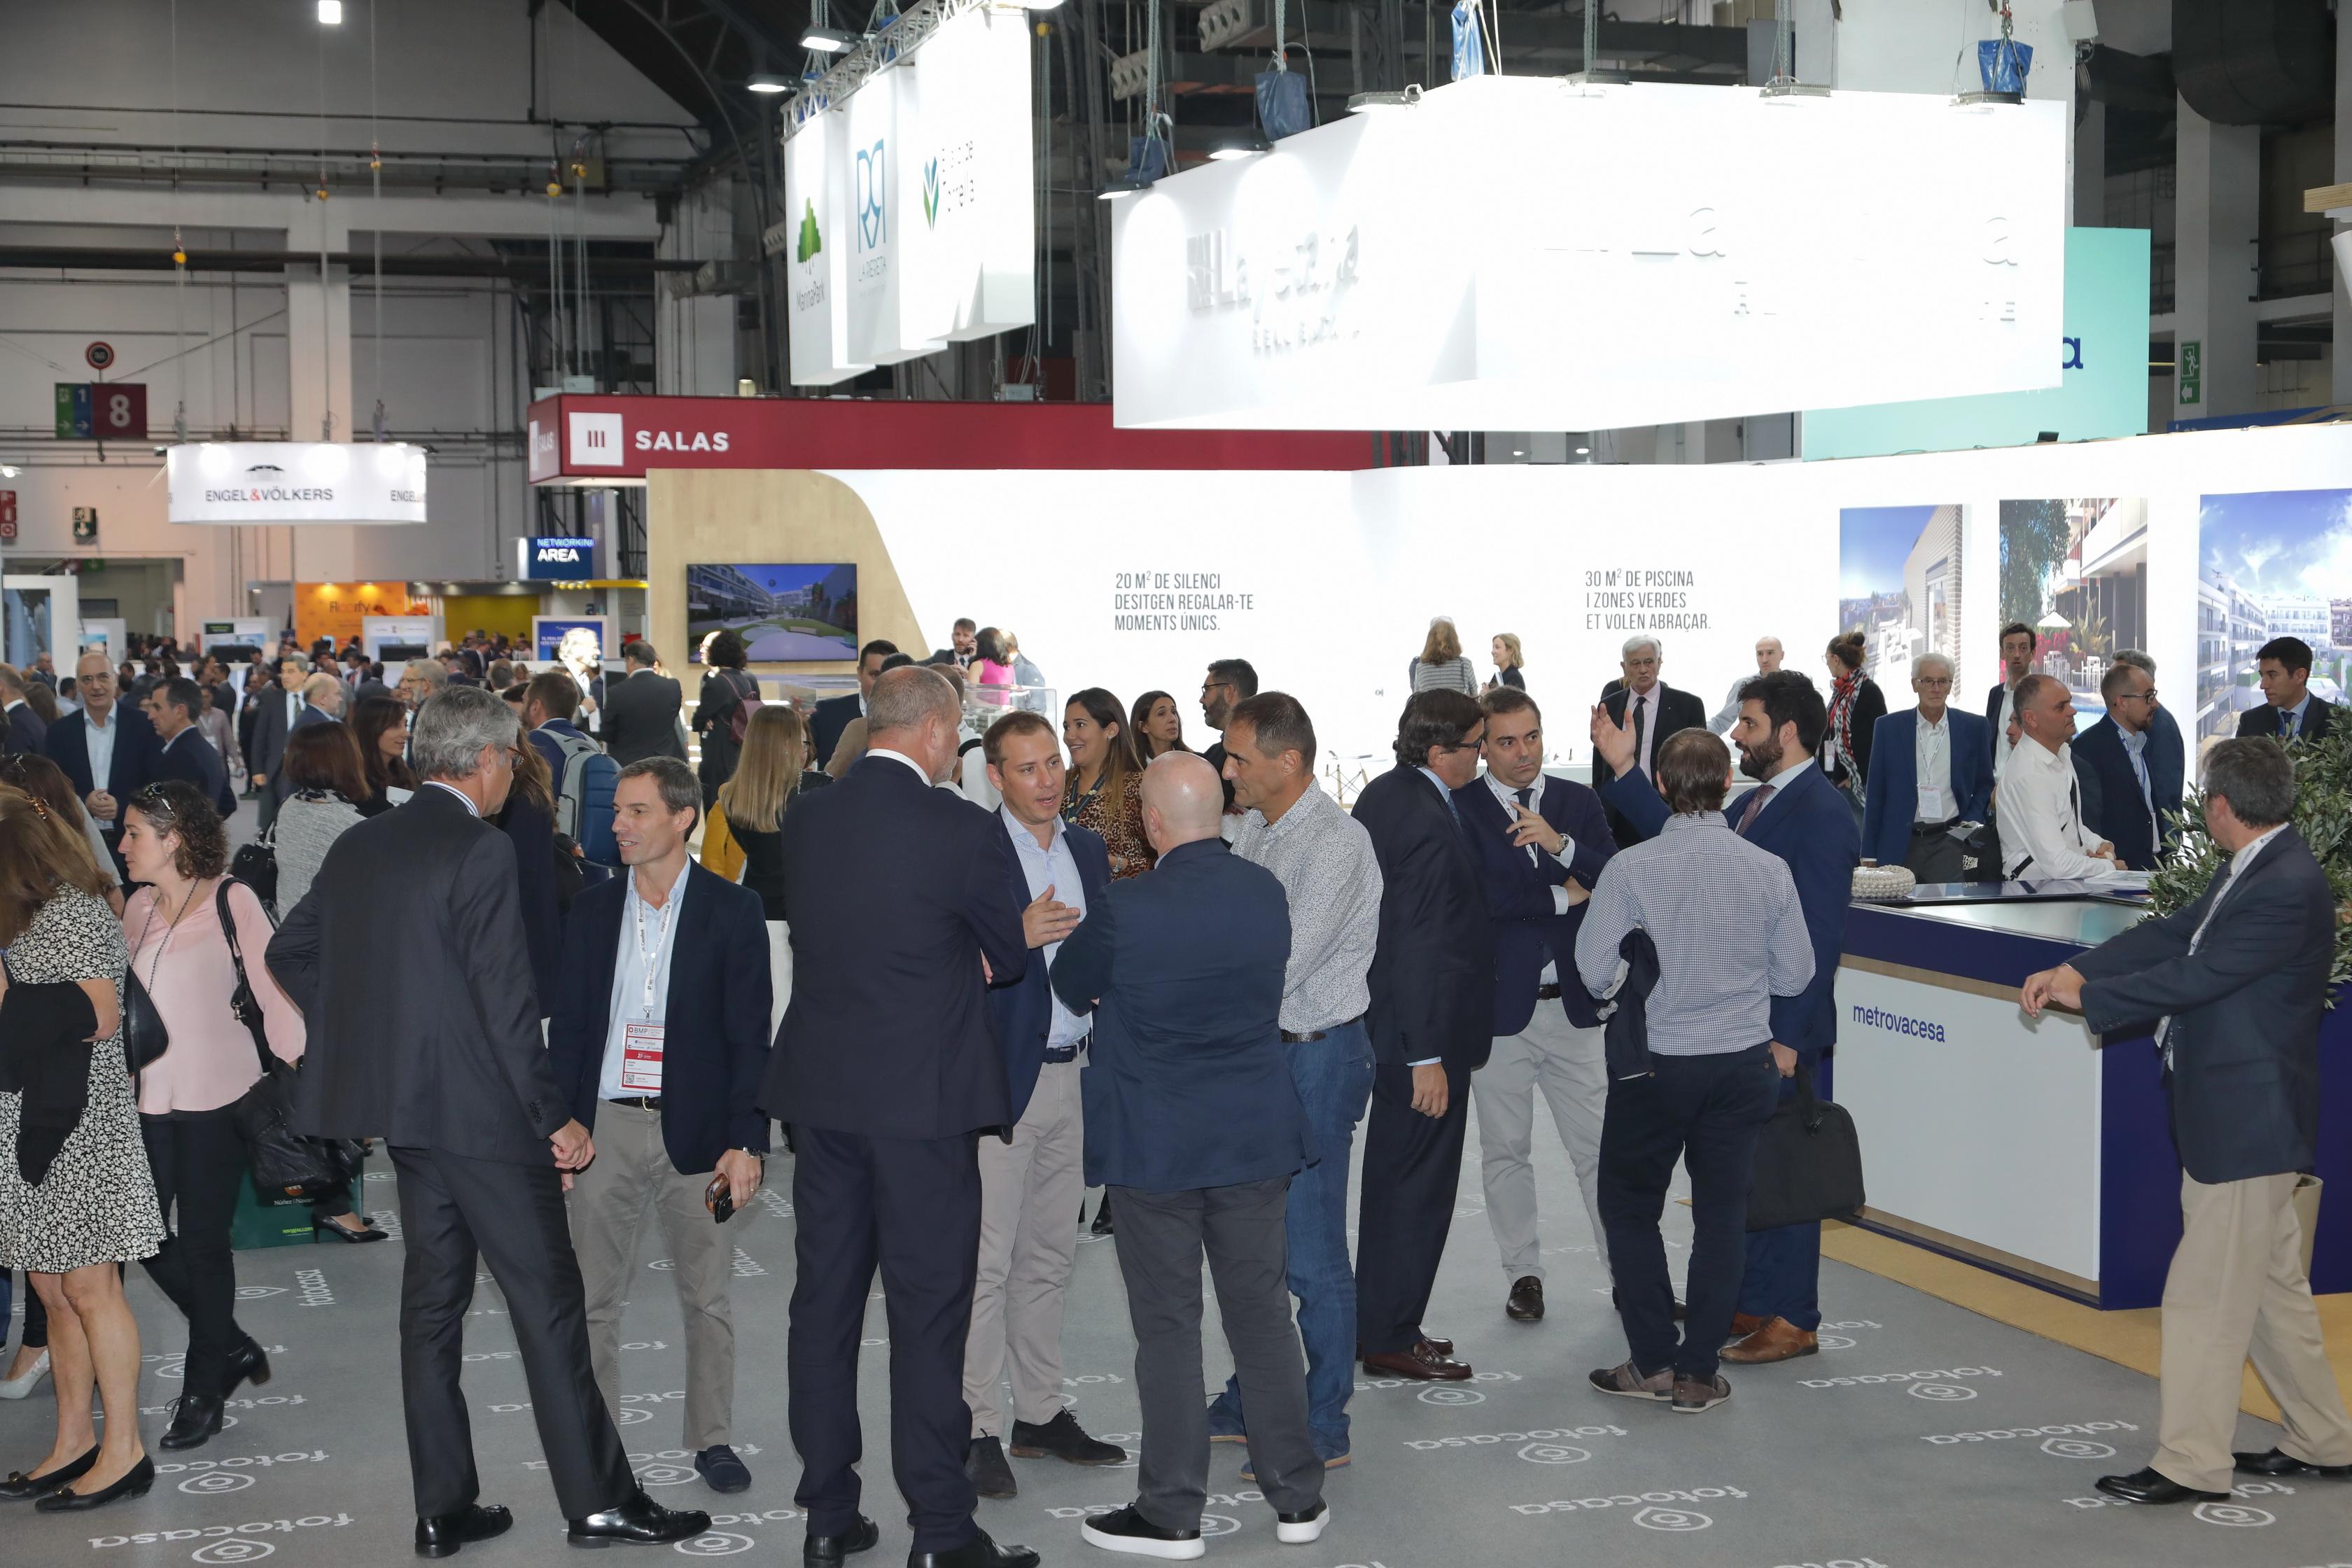 barcelona meeting point 2019 sienta las bases para liderar el futuro inmobiliario del mediterráneo